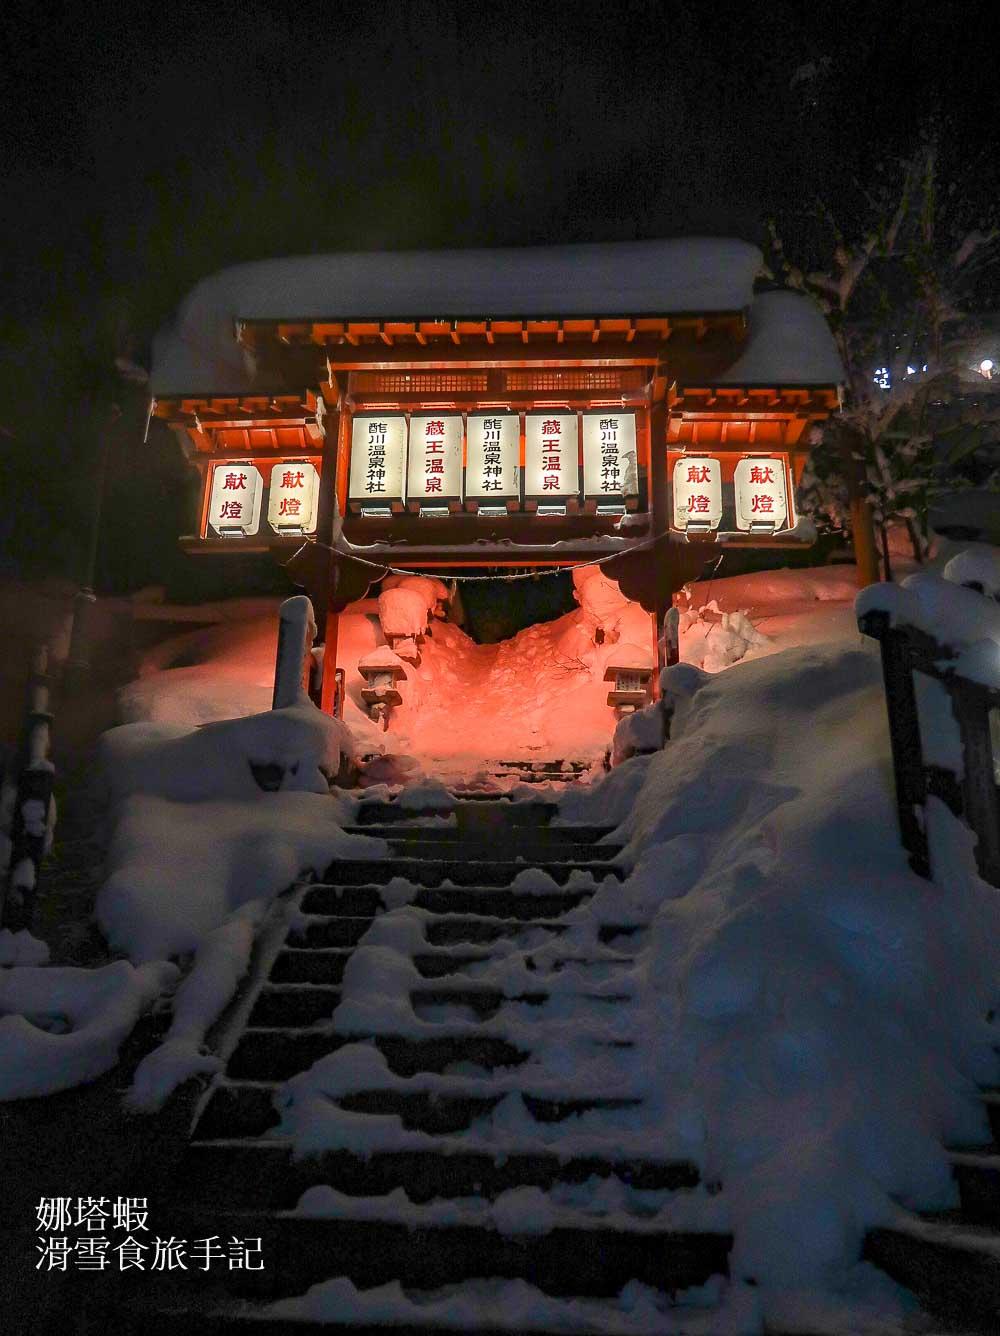 日本東北藏王溫泉|夜訪藏王醋川溫泉神社、公湯巡禮